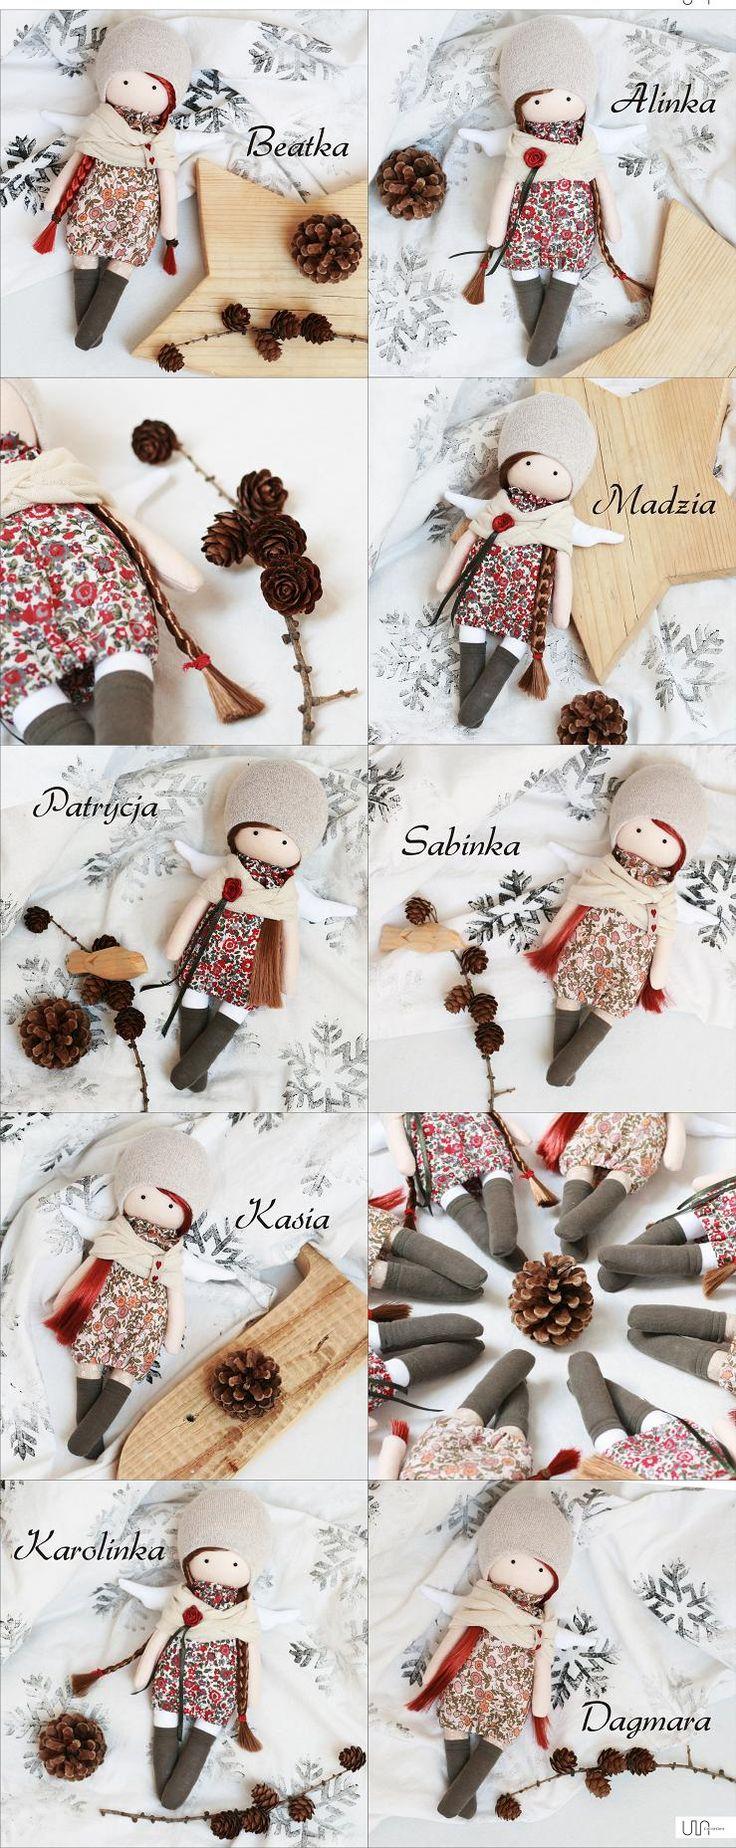 aniołki szyte ręcznie / angels handmade dolls